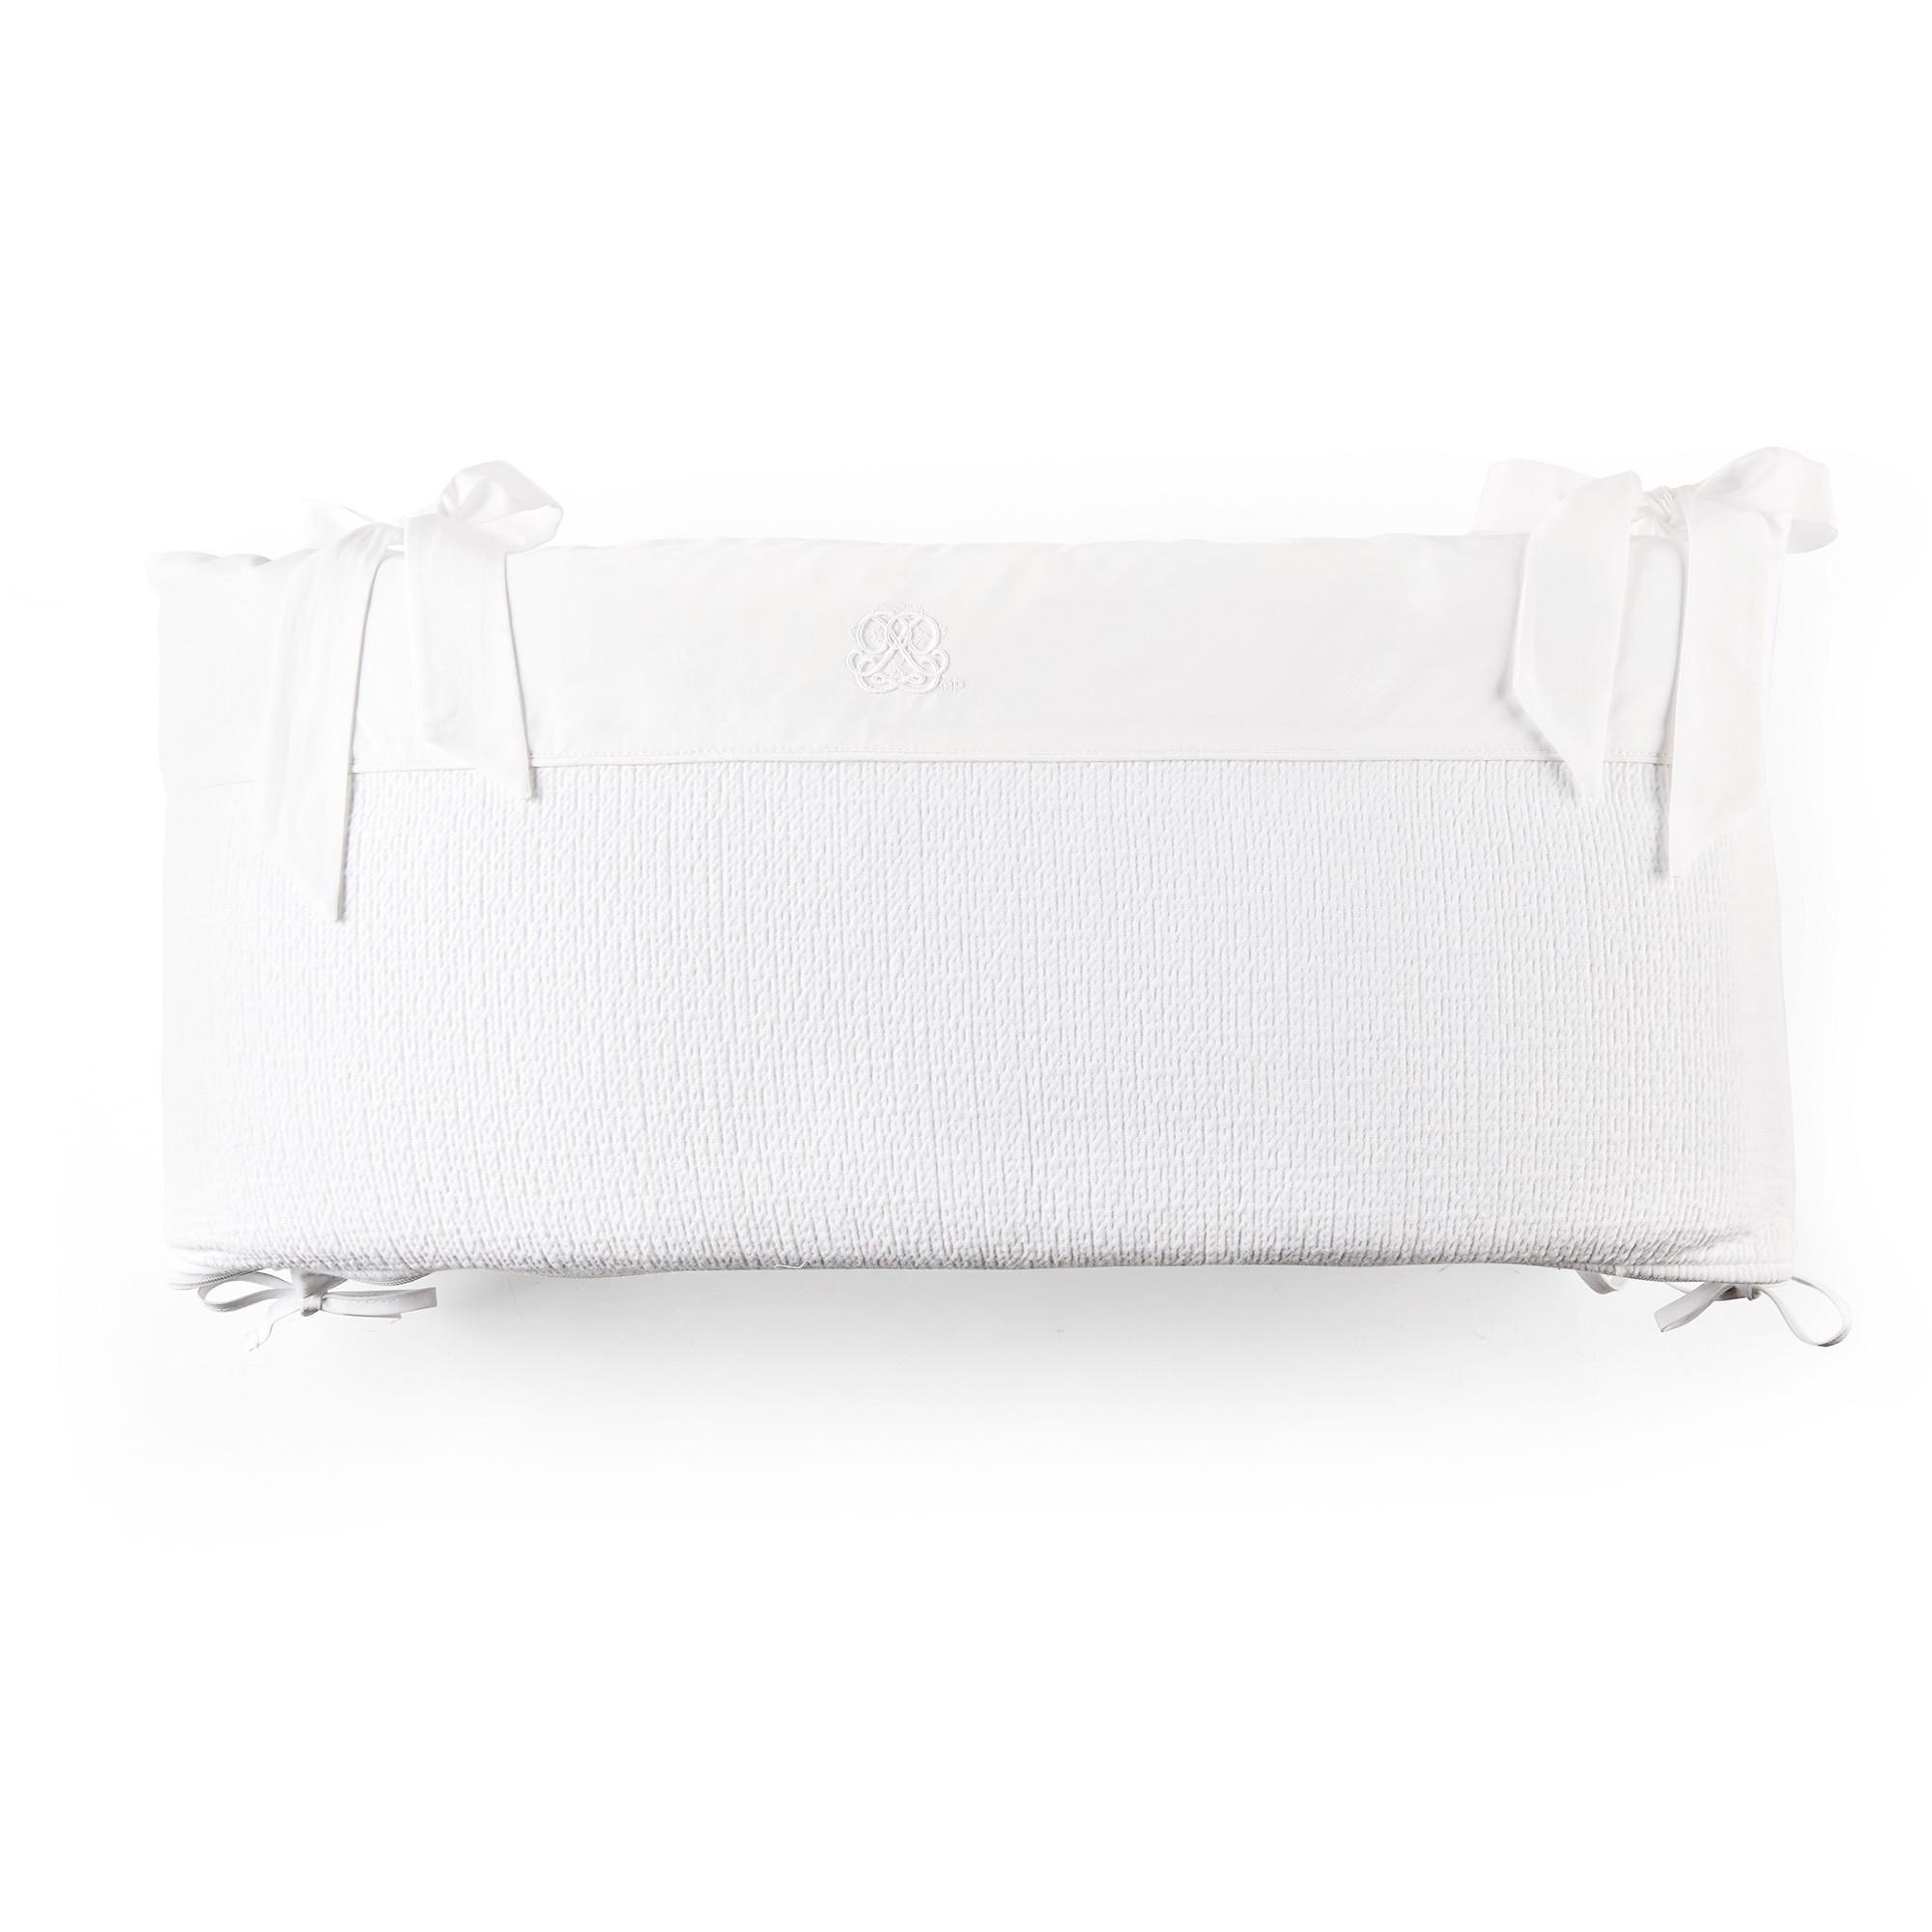 Theophile & Patachou - Bedbeschermer 60Cm - Gewafeld (60X60X60Cm) H:32Cm Wit - Cotton White